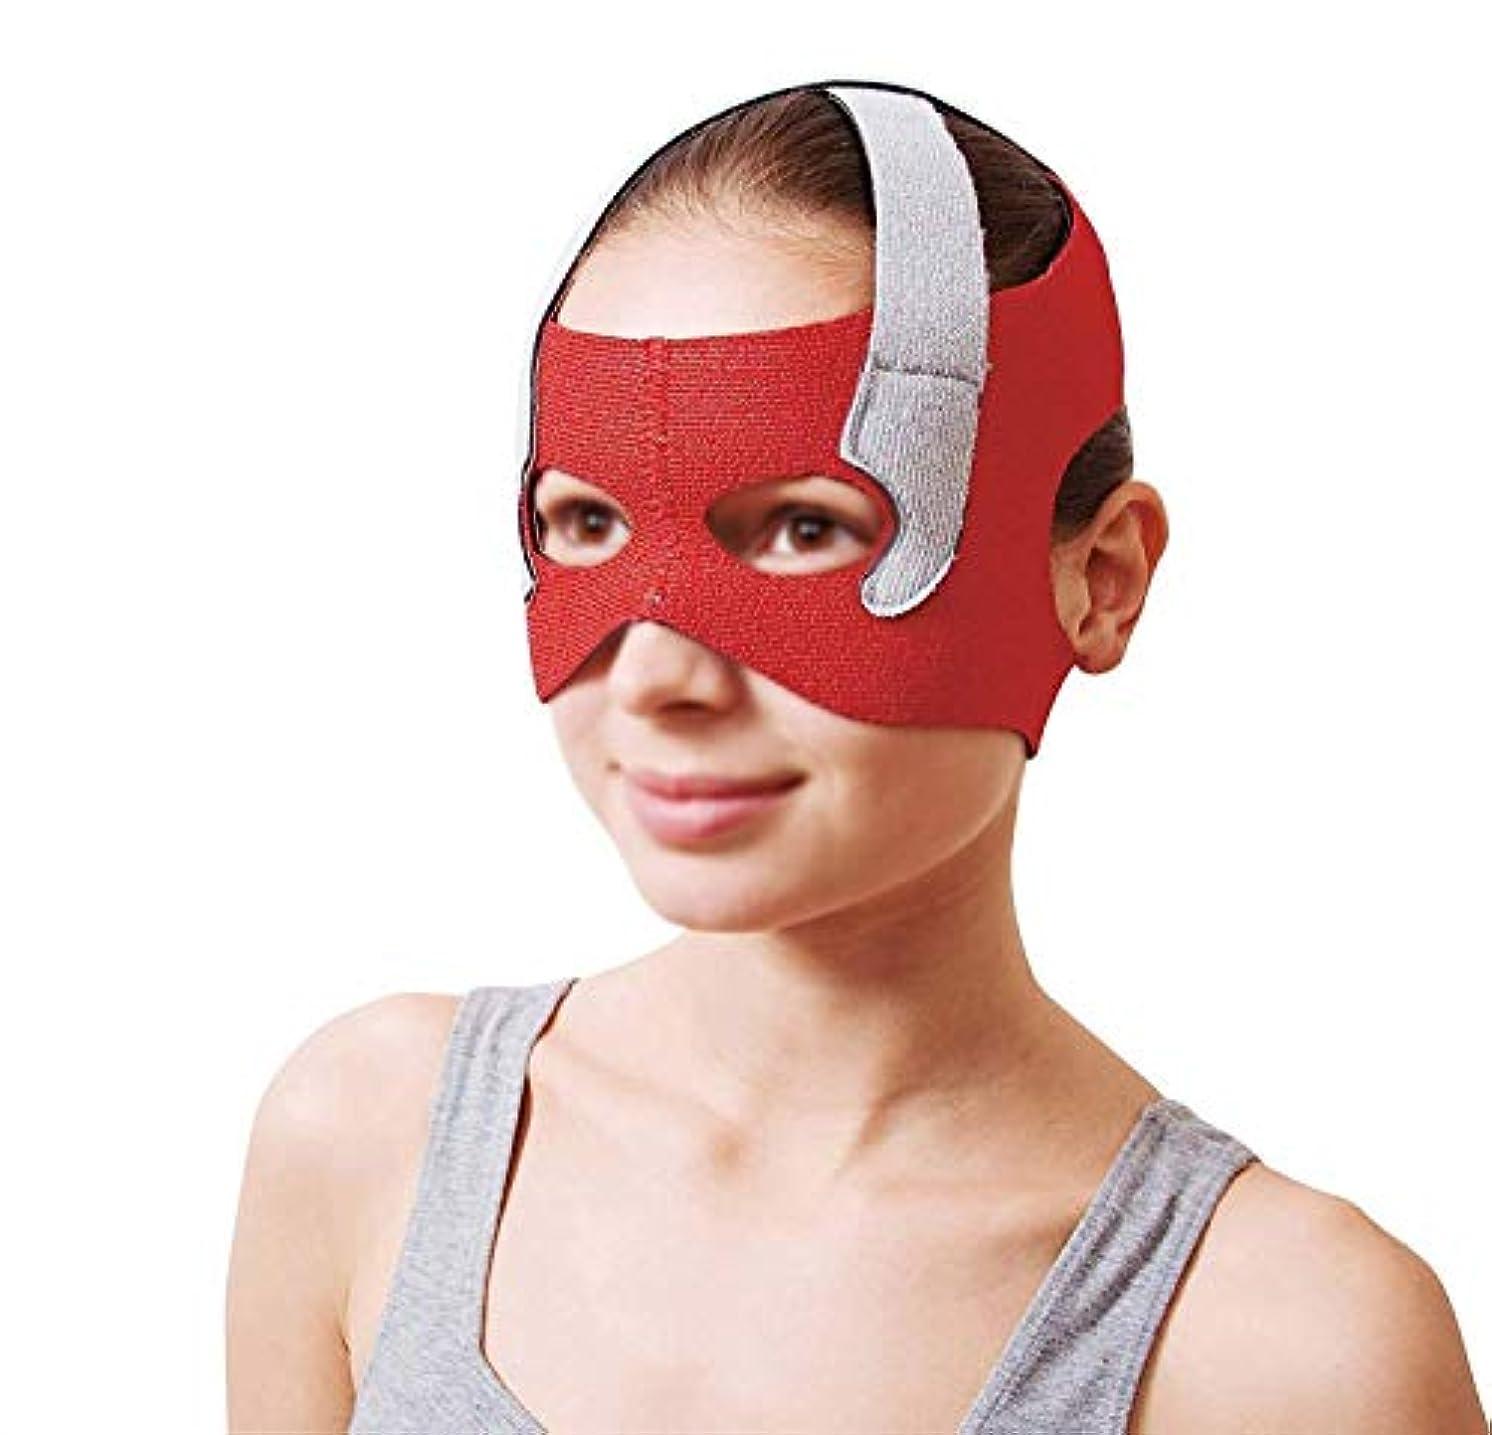 ママ隙間カナダフェイスリフトマスク、回復ポスト包帯ヘッドギアフェイスマスク顔薄いフェイスマスクアーティファクト美容ベルト顔と首リフト顔周囲57-68 cm